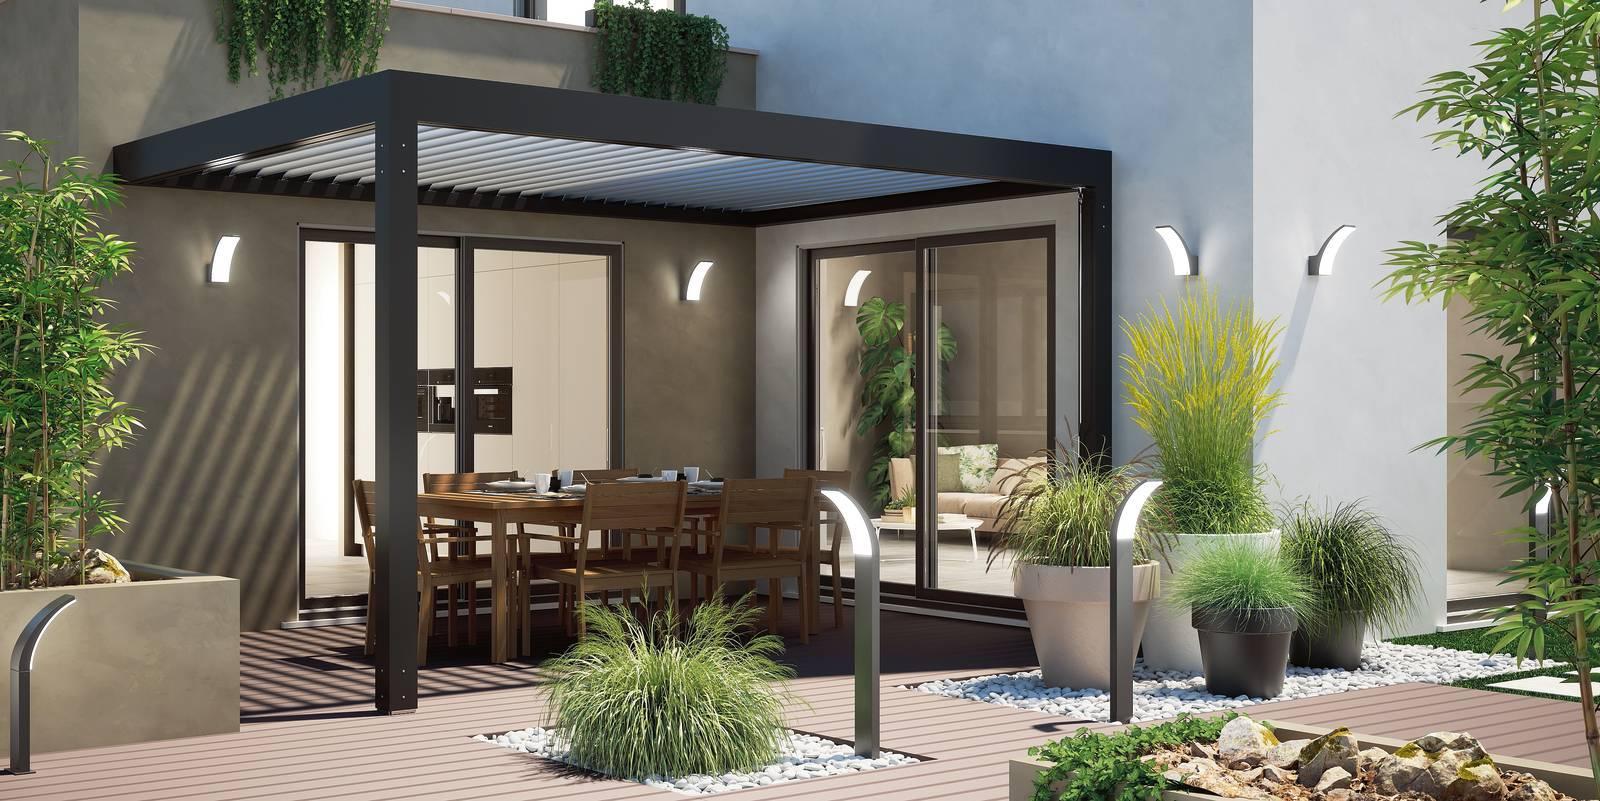 Da leroy merlin tavoli e sedie per esterni per arredare for Mobili per terrazzi e giardini